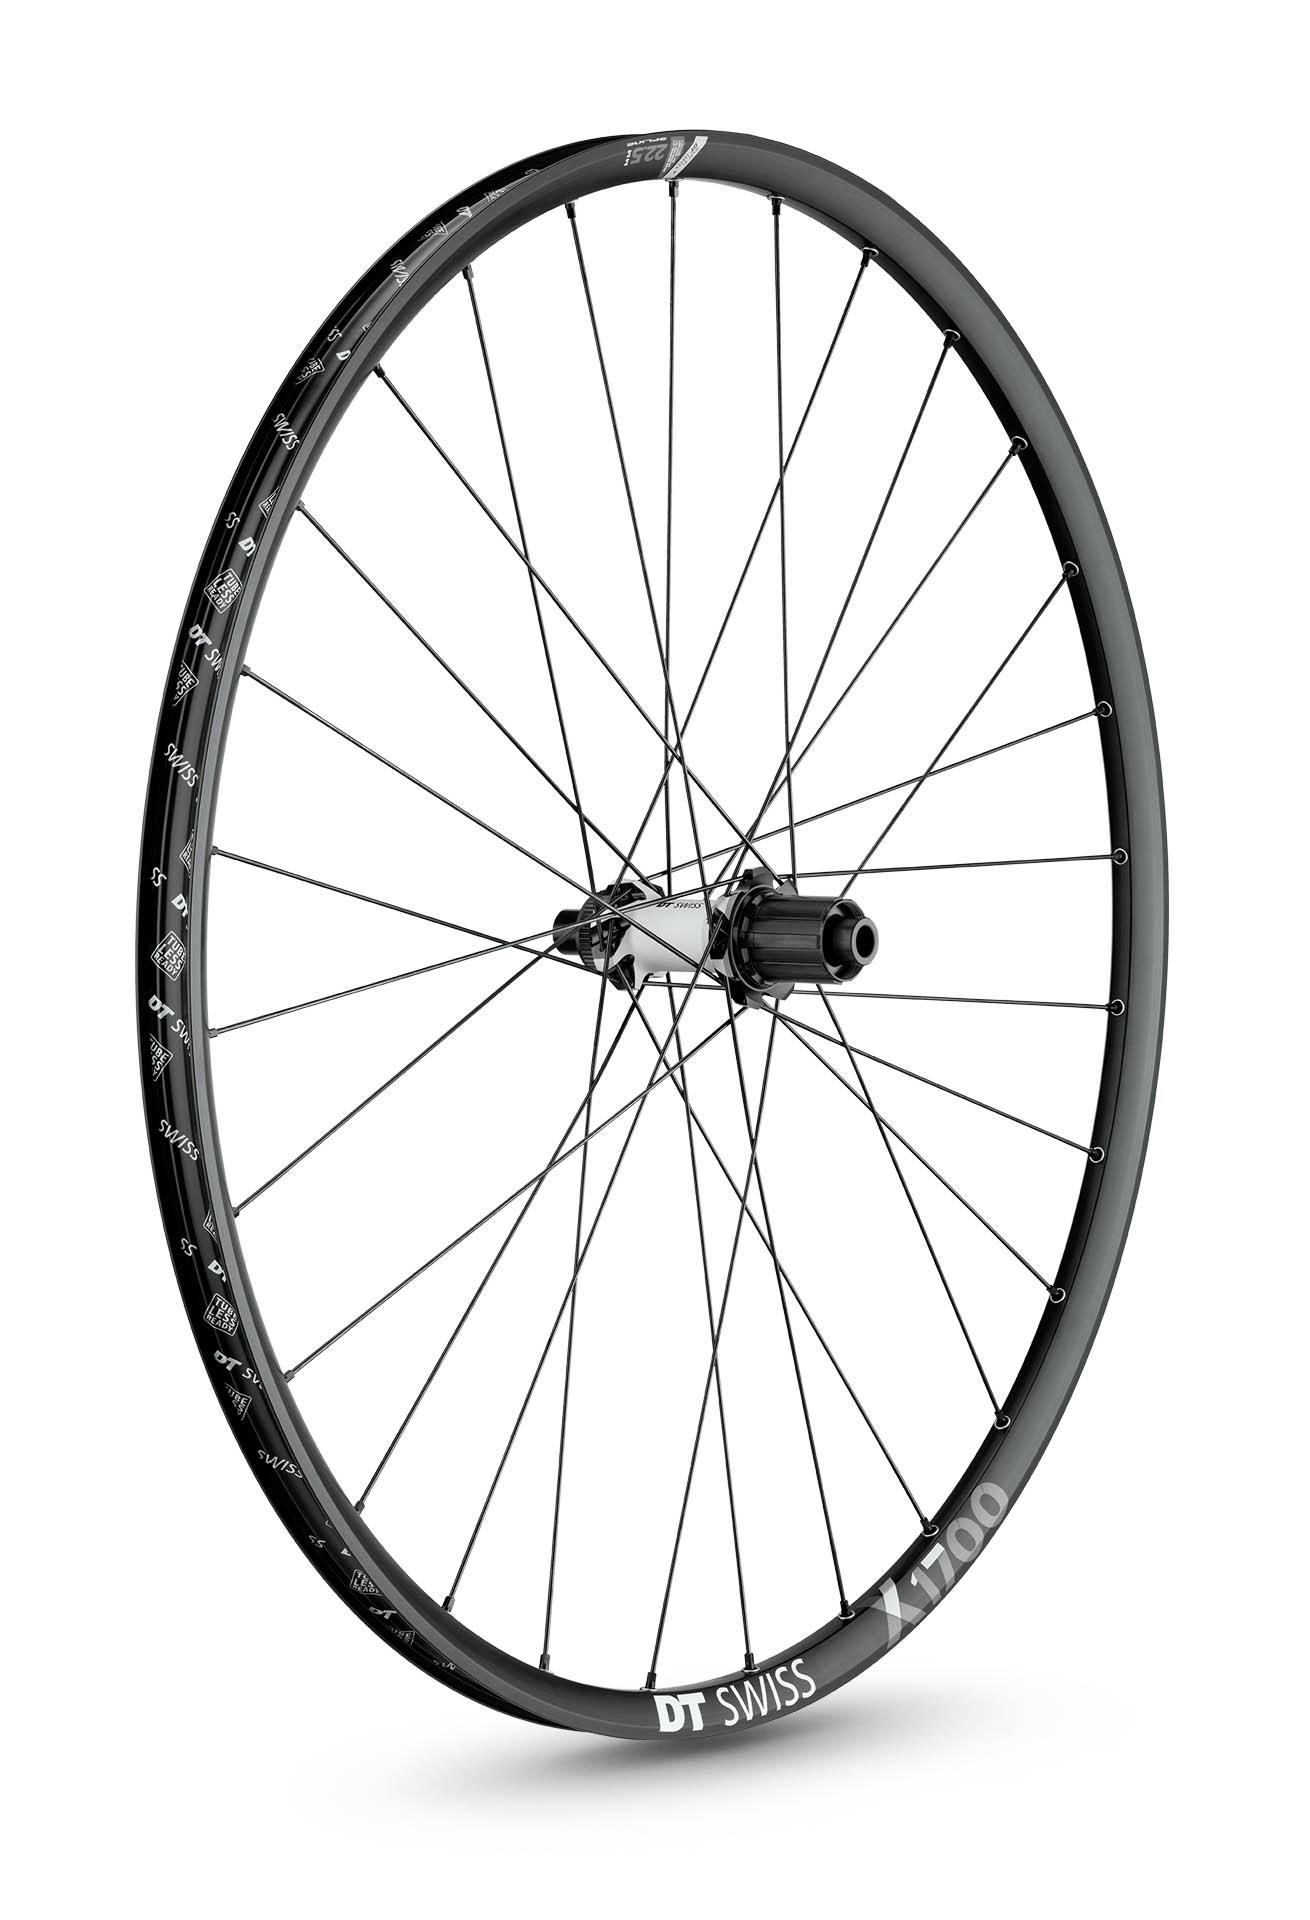 Baghjul DT Swiss X1700 Spline 22,5 29